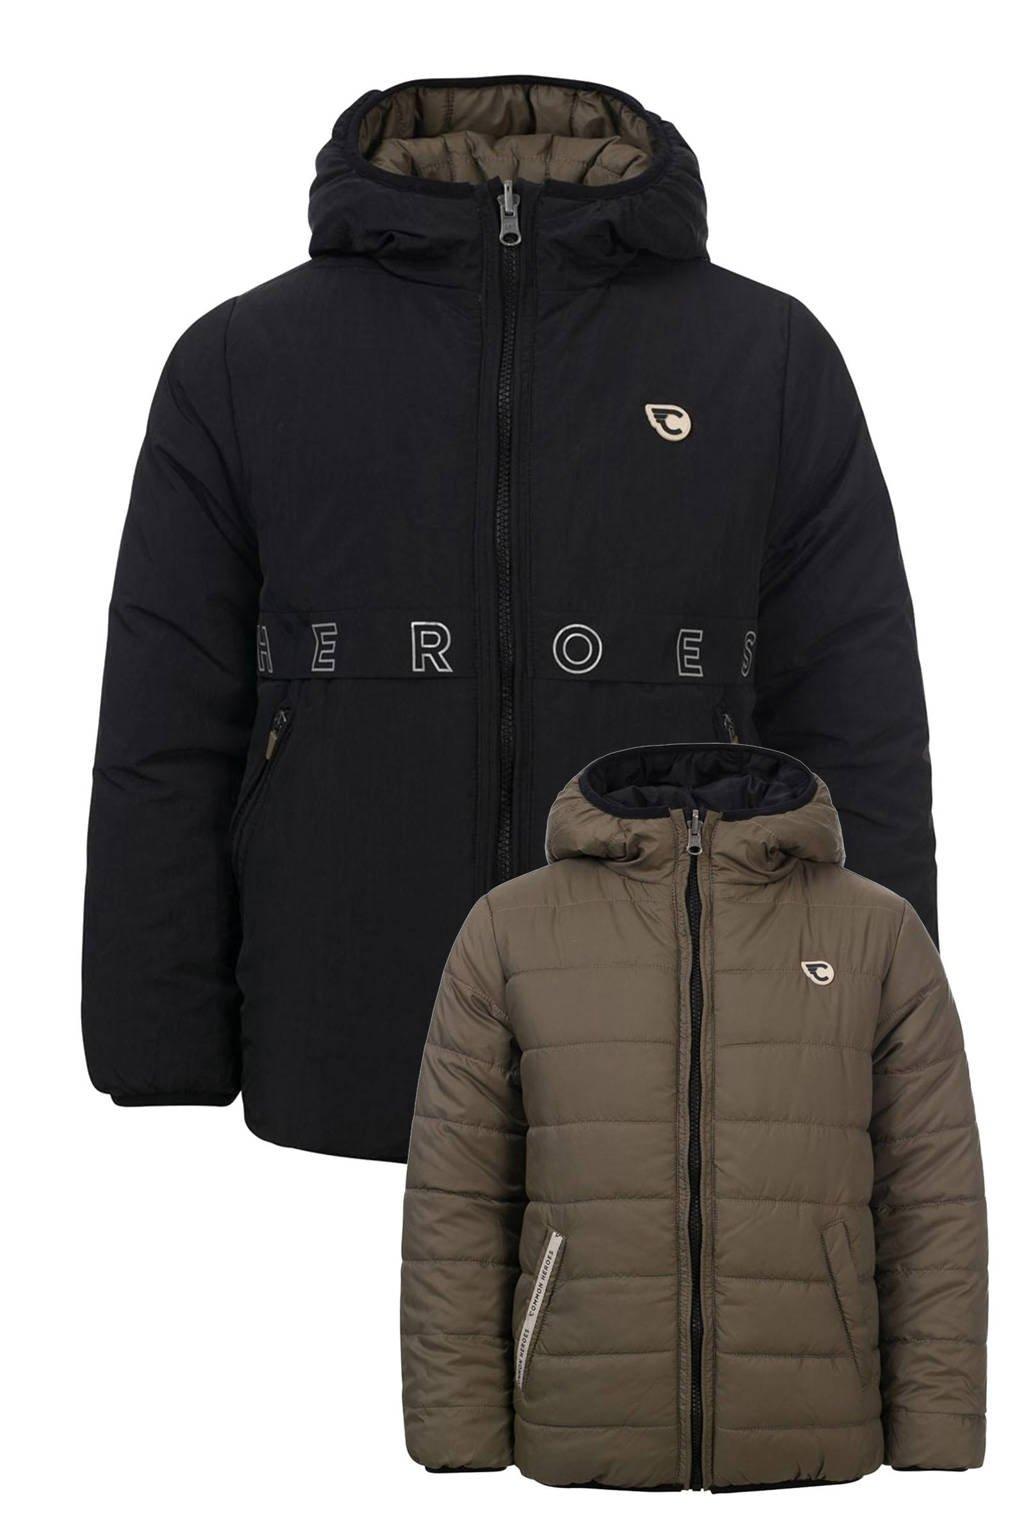 COMMON HEROES reversible gewatteerde jas arm groen/zwart, Arm groen/zwart